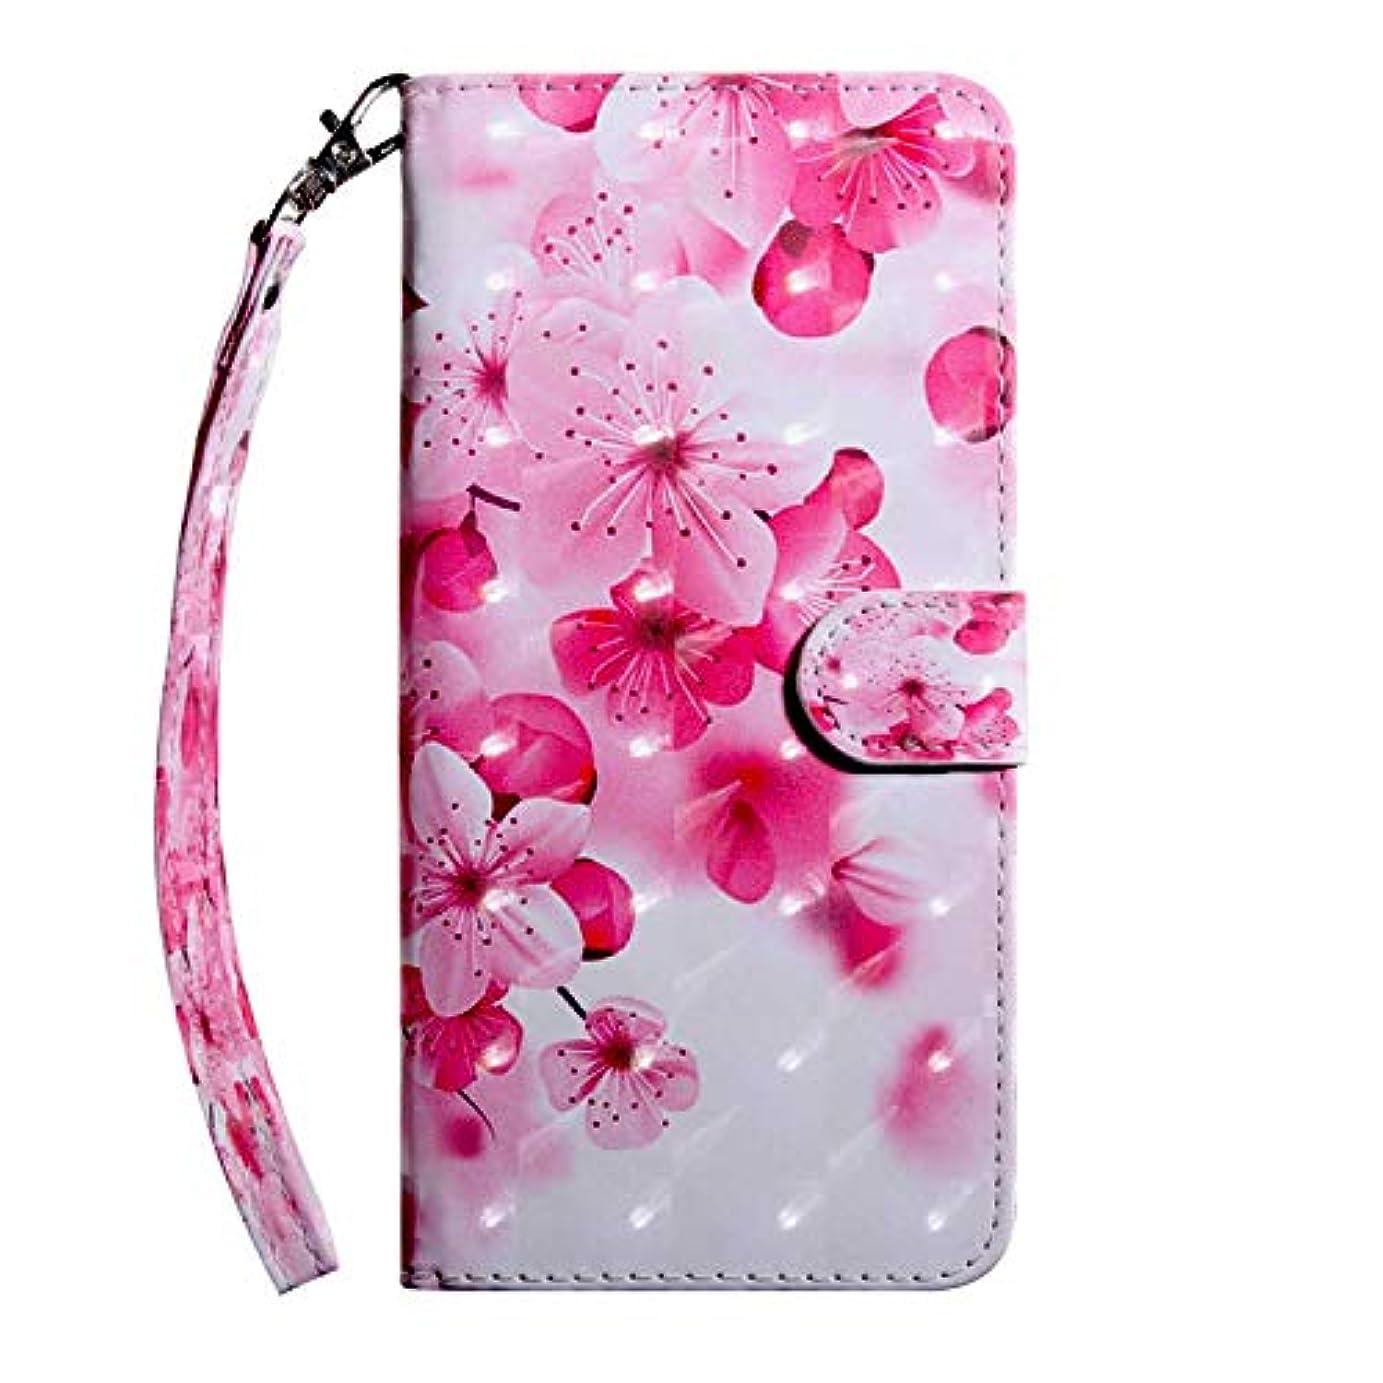 シーズン漁師ビーズCUSKING Sony Xperia XA2 ケース 手帳型 財布型カバー Sony Xperia XA2 スマホカバー 磁気バックル カード収納 スタンド機能 エクスペリア レザーケース –さくら